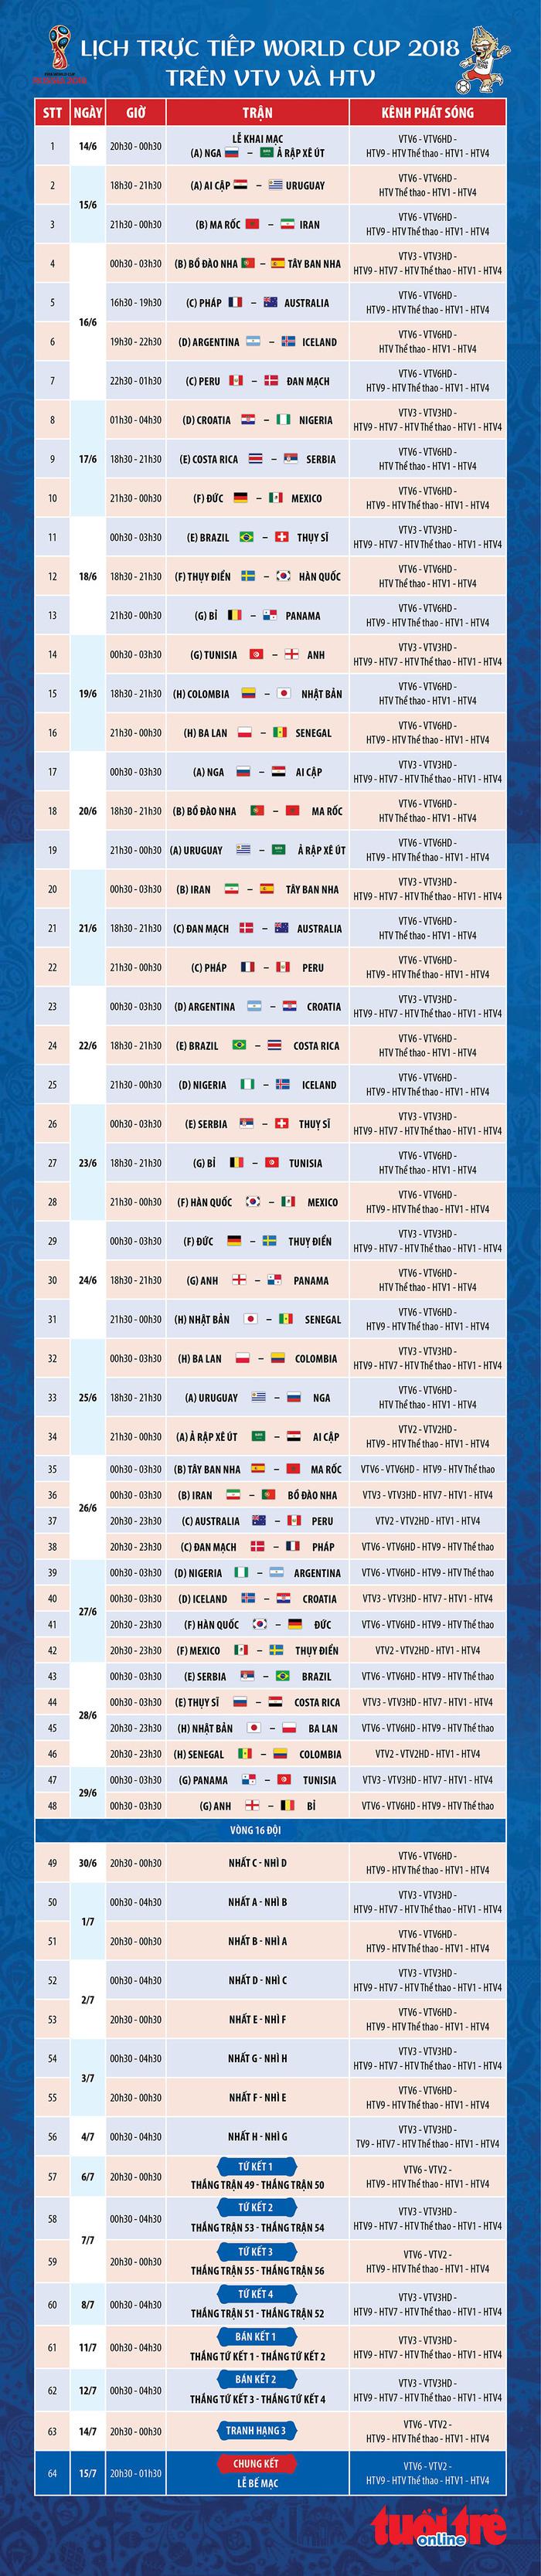 Lịch trực tiếp World Cup 2018 trên VTV và HTV - Ảnh 1.